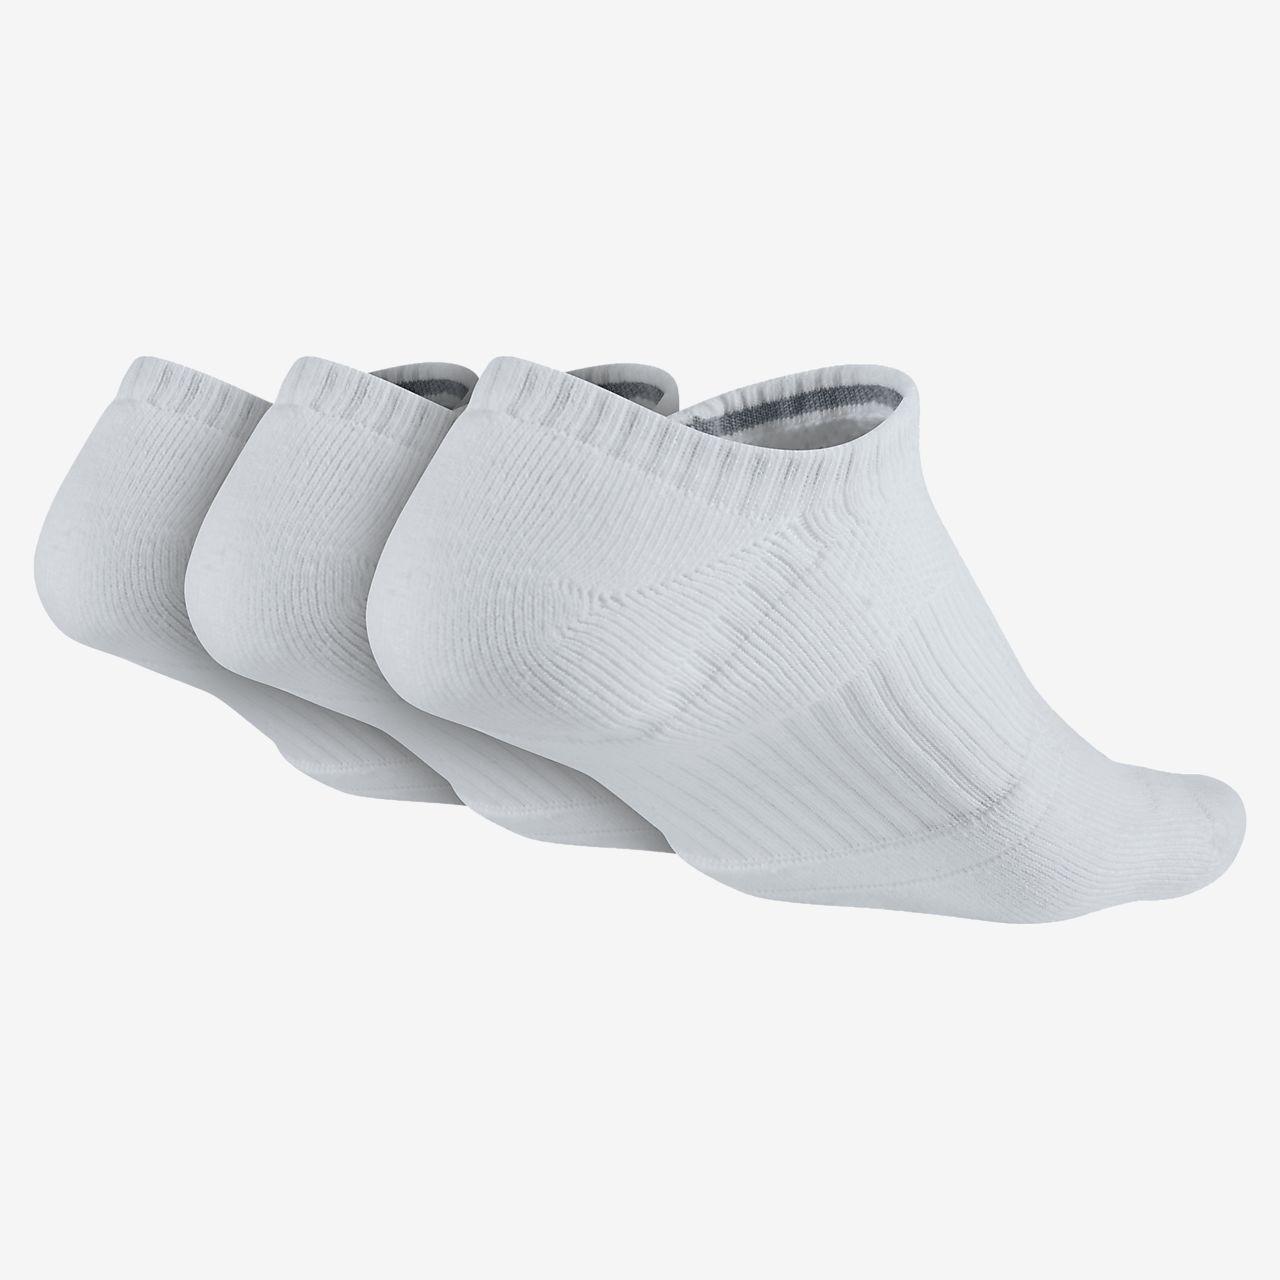 Nike Calcetines Hombres Dri Fit Zapatillas De Deporte Corrientes Blancos vendible 6mnhQraeVD